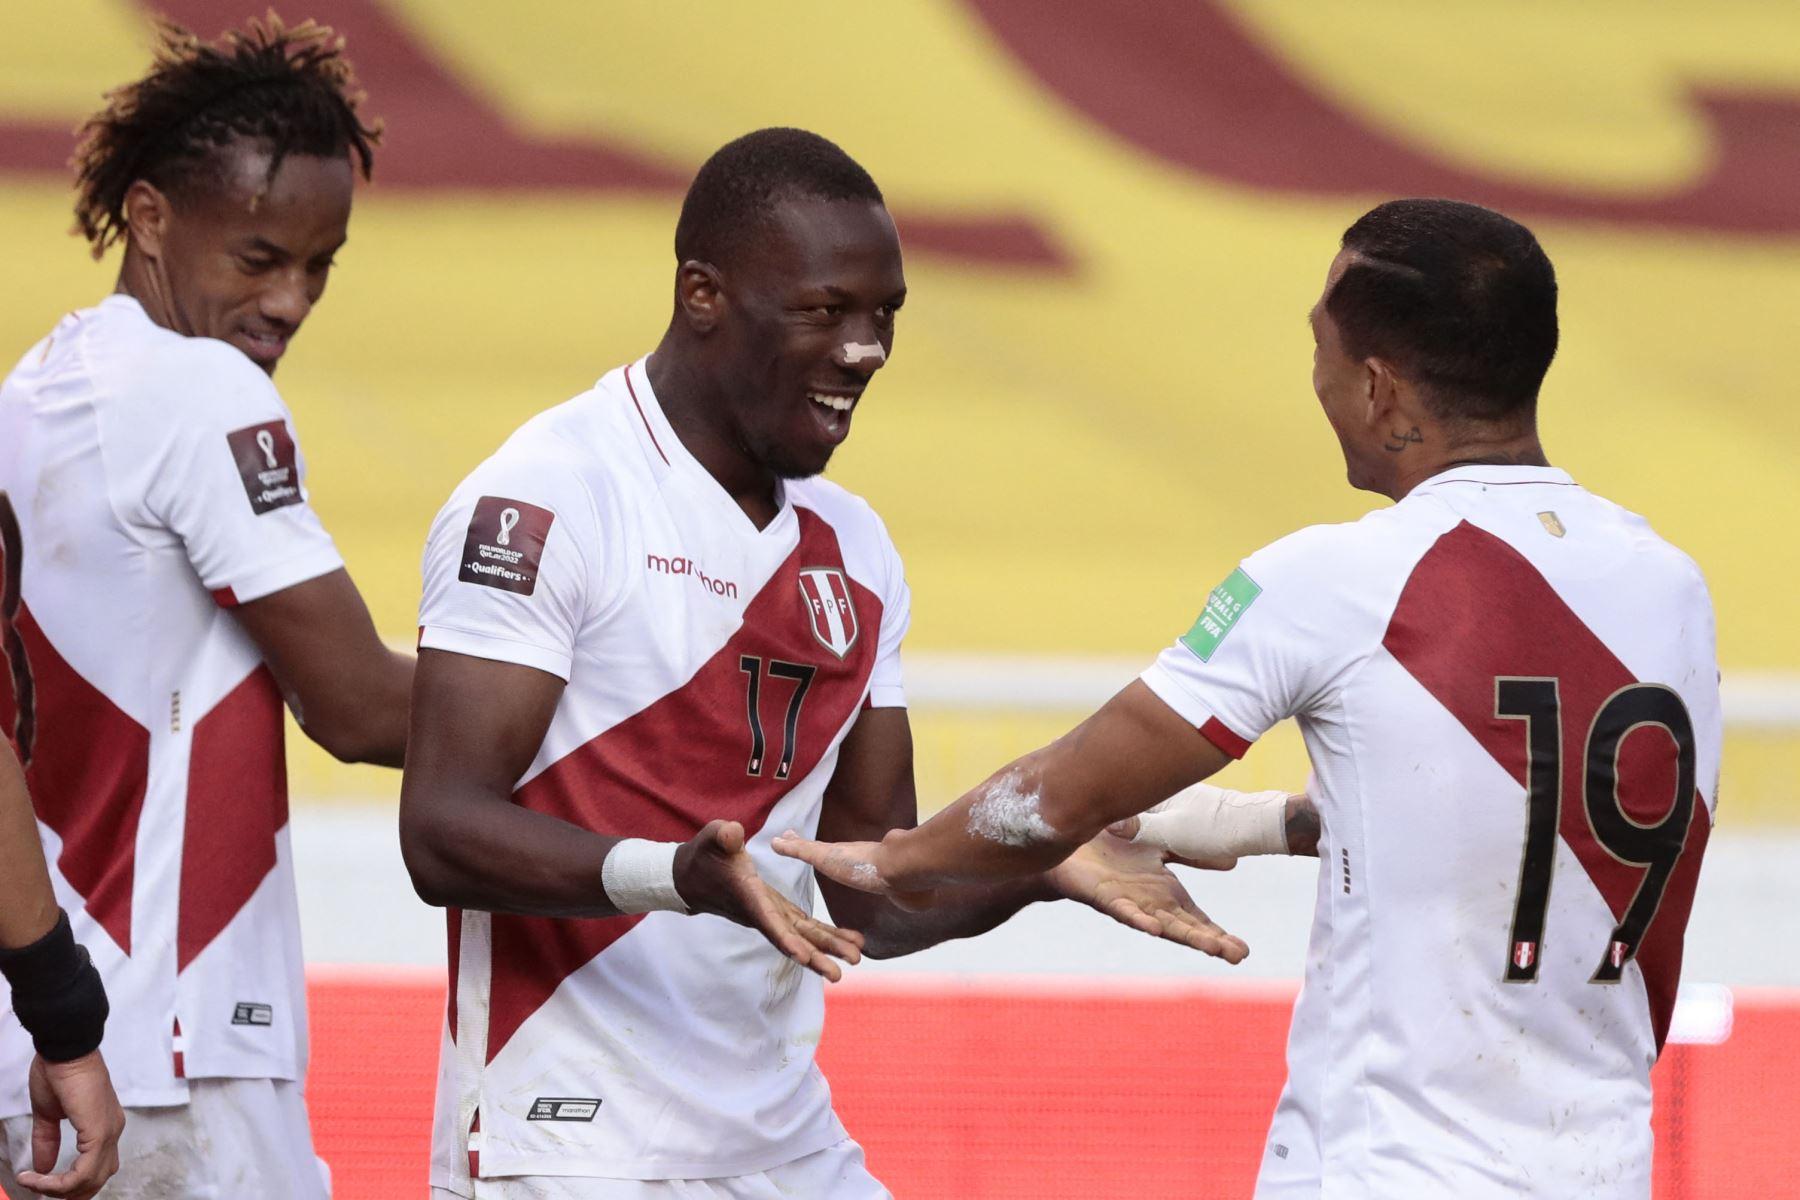 El peruano Luis Advincula celebra con el peruano Yoshimar Yotun después de anotar contra Ecuador durante su partido de fútbol de clasificación sudamericano para la Copa Mundial de la FIFA Qatar 2022 en el Estadio Rodrigo Paz Delgado en Quito. Foto: AFP